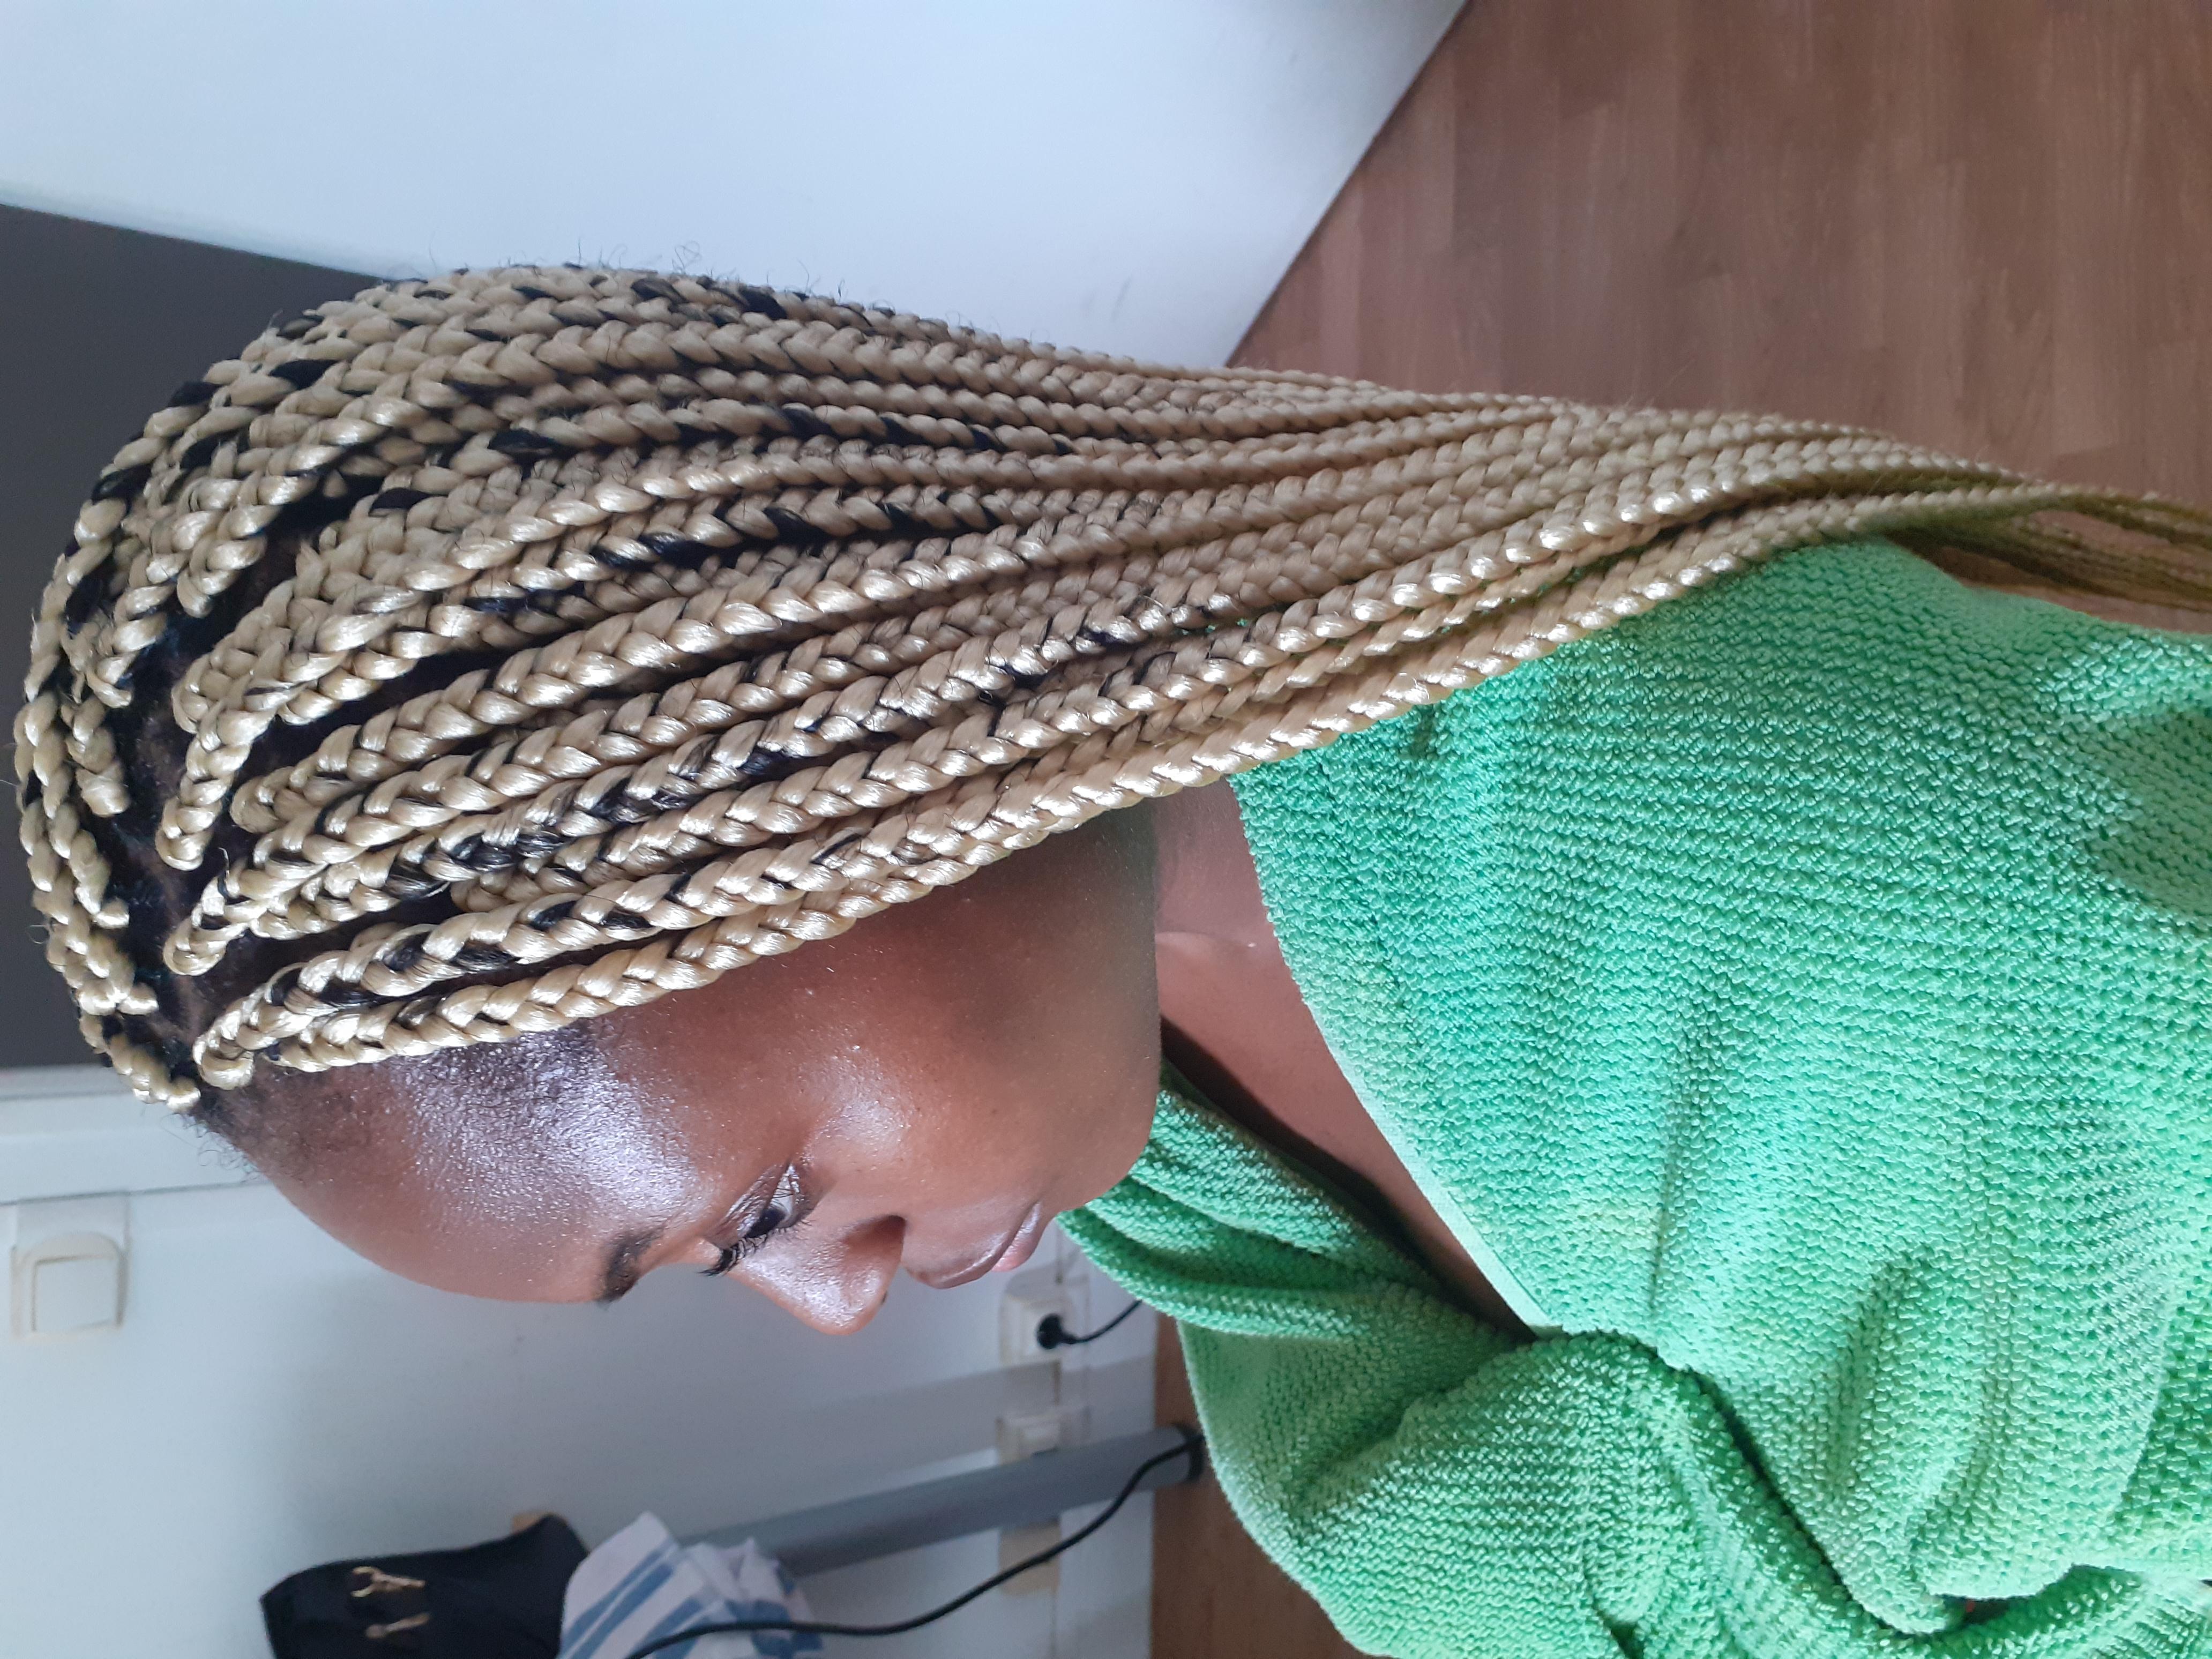 salon de coiffure afro tresse tresses box braids crochet braids vanilles tissages paris 75 77 78 91 92 93 94 95 QGSVIPJR